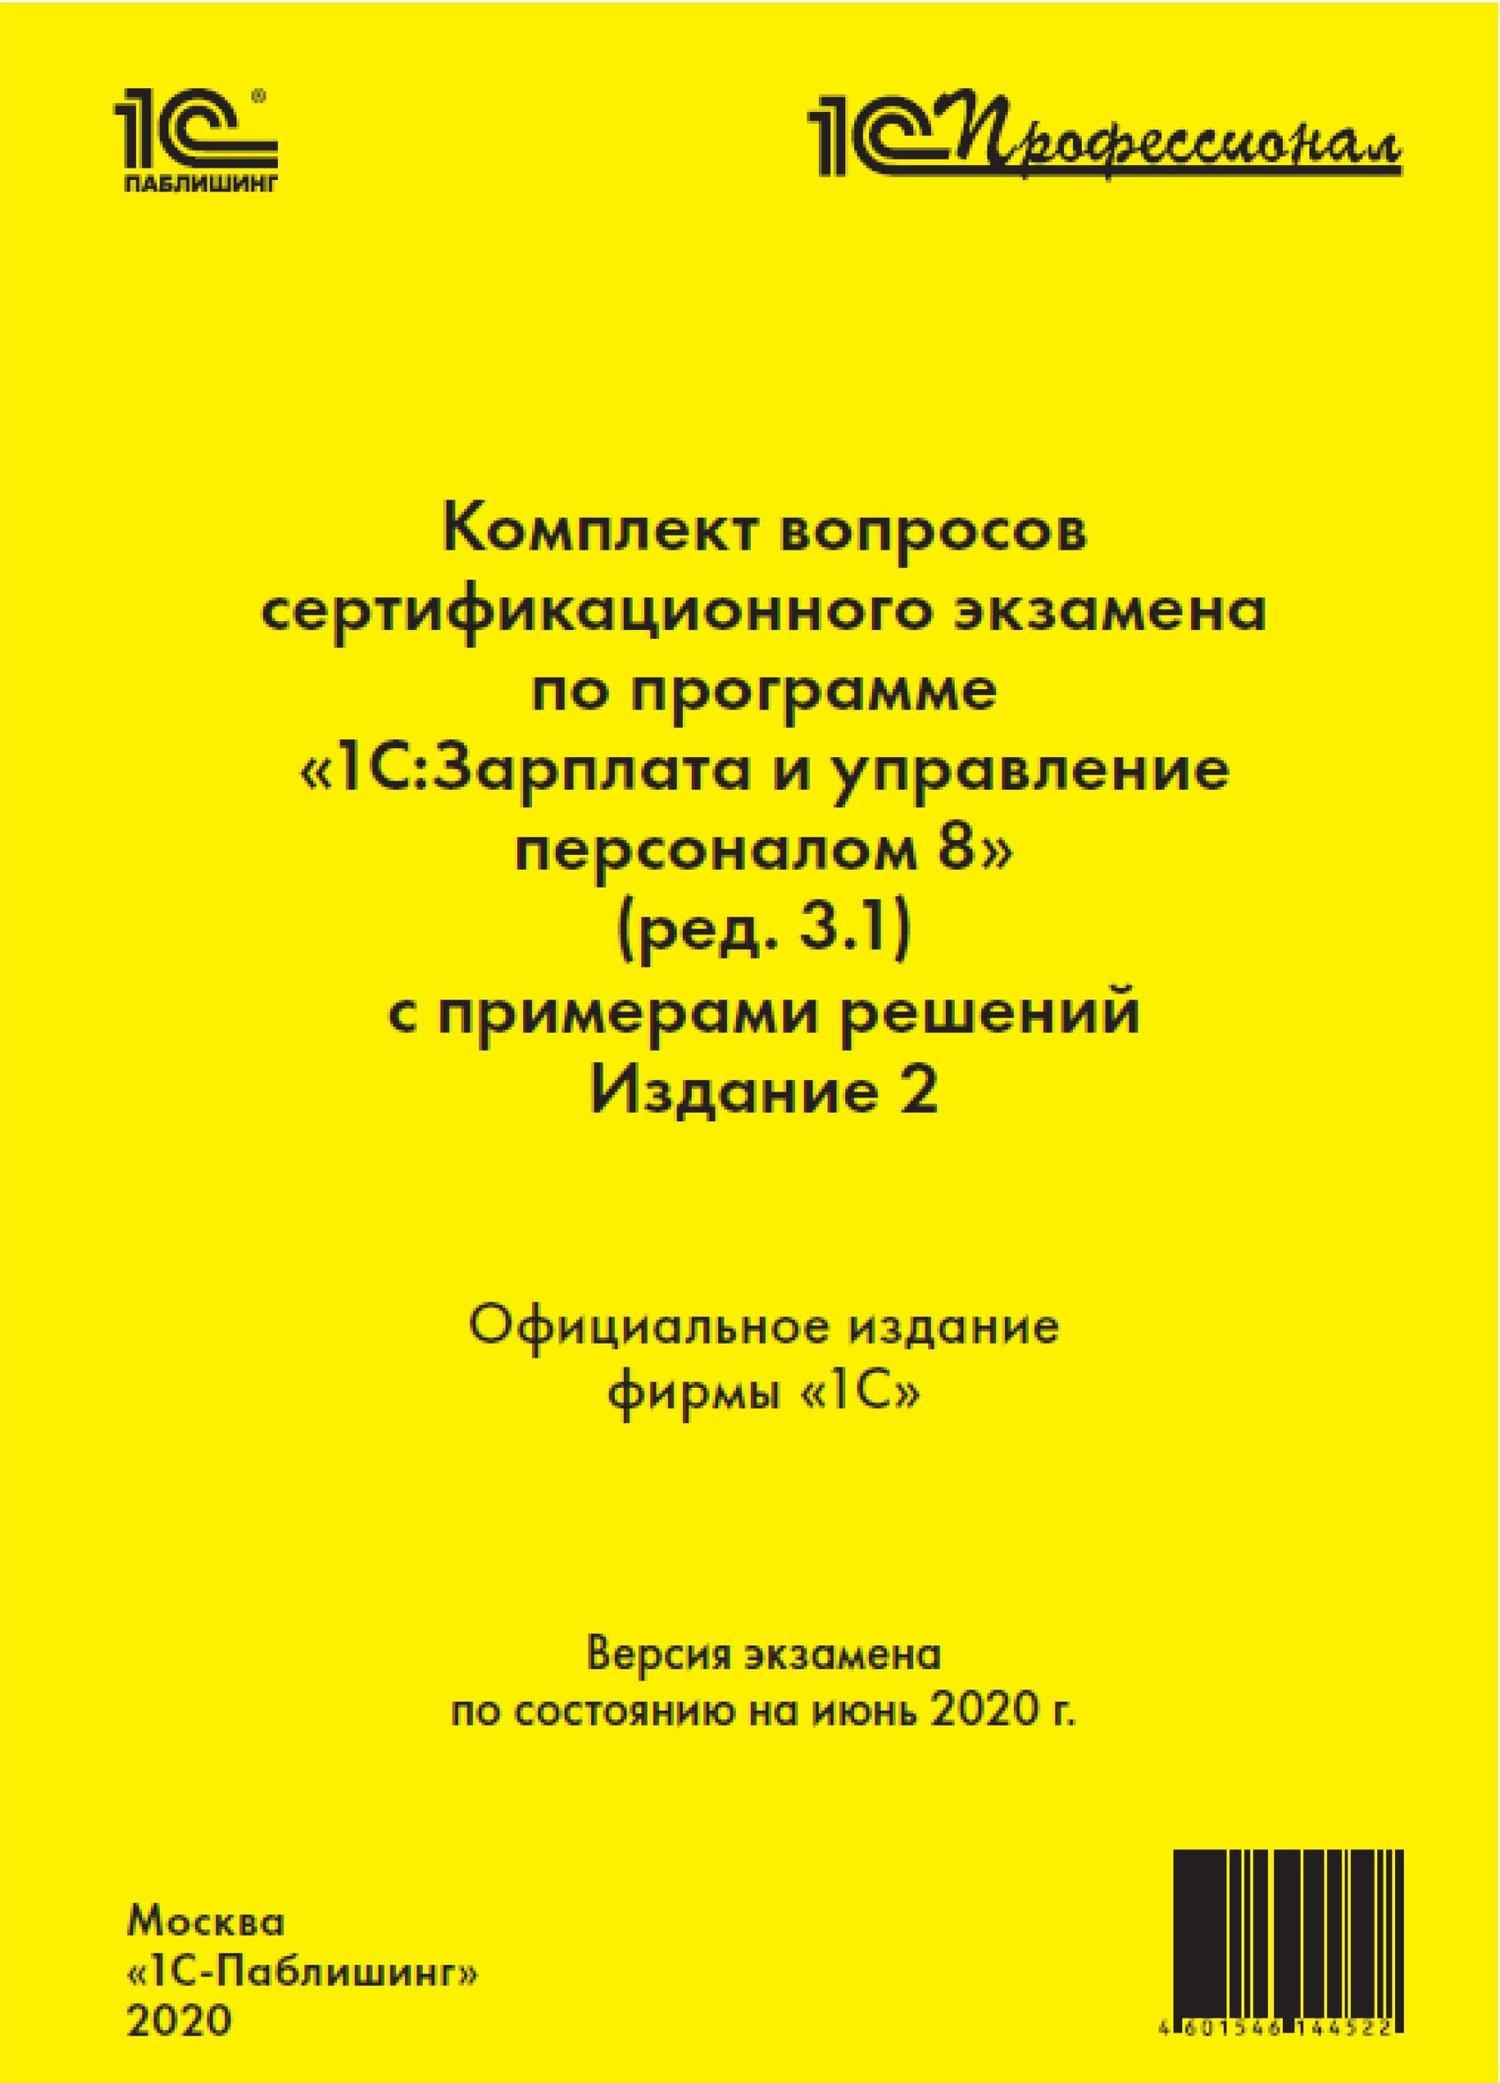 Купить книгу Комплект вопросов сертификационного экзамена «1С:Профессионал» по программе «1С:Зарплата и управление персоналом 8» (редакция 3.1) с примерами решений, автора